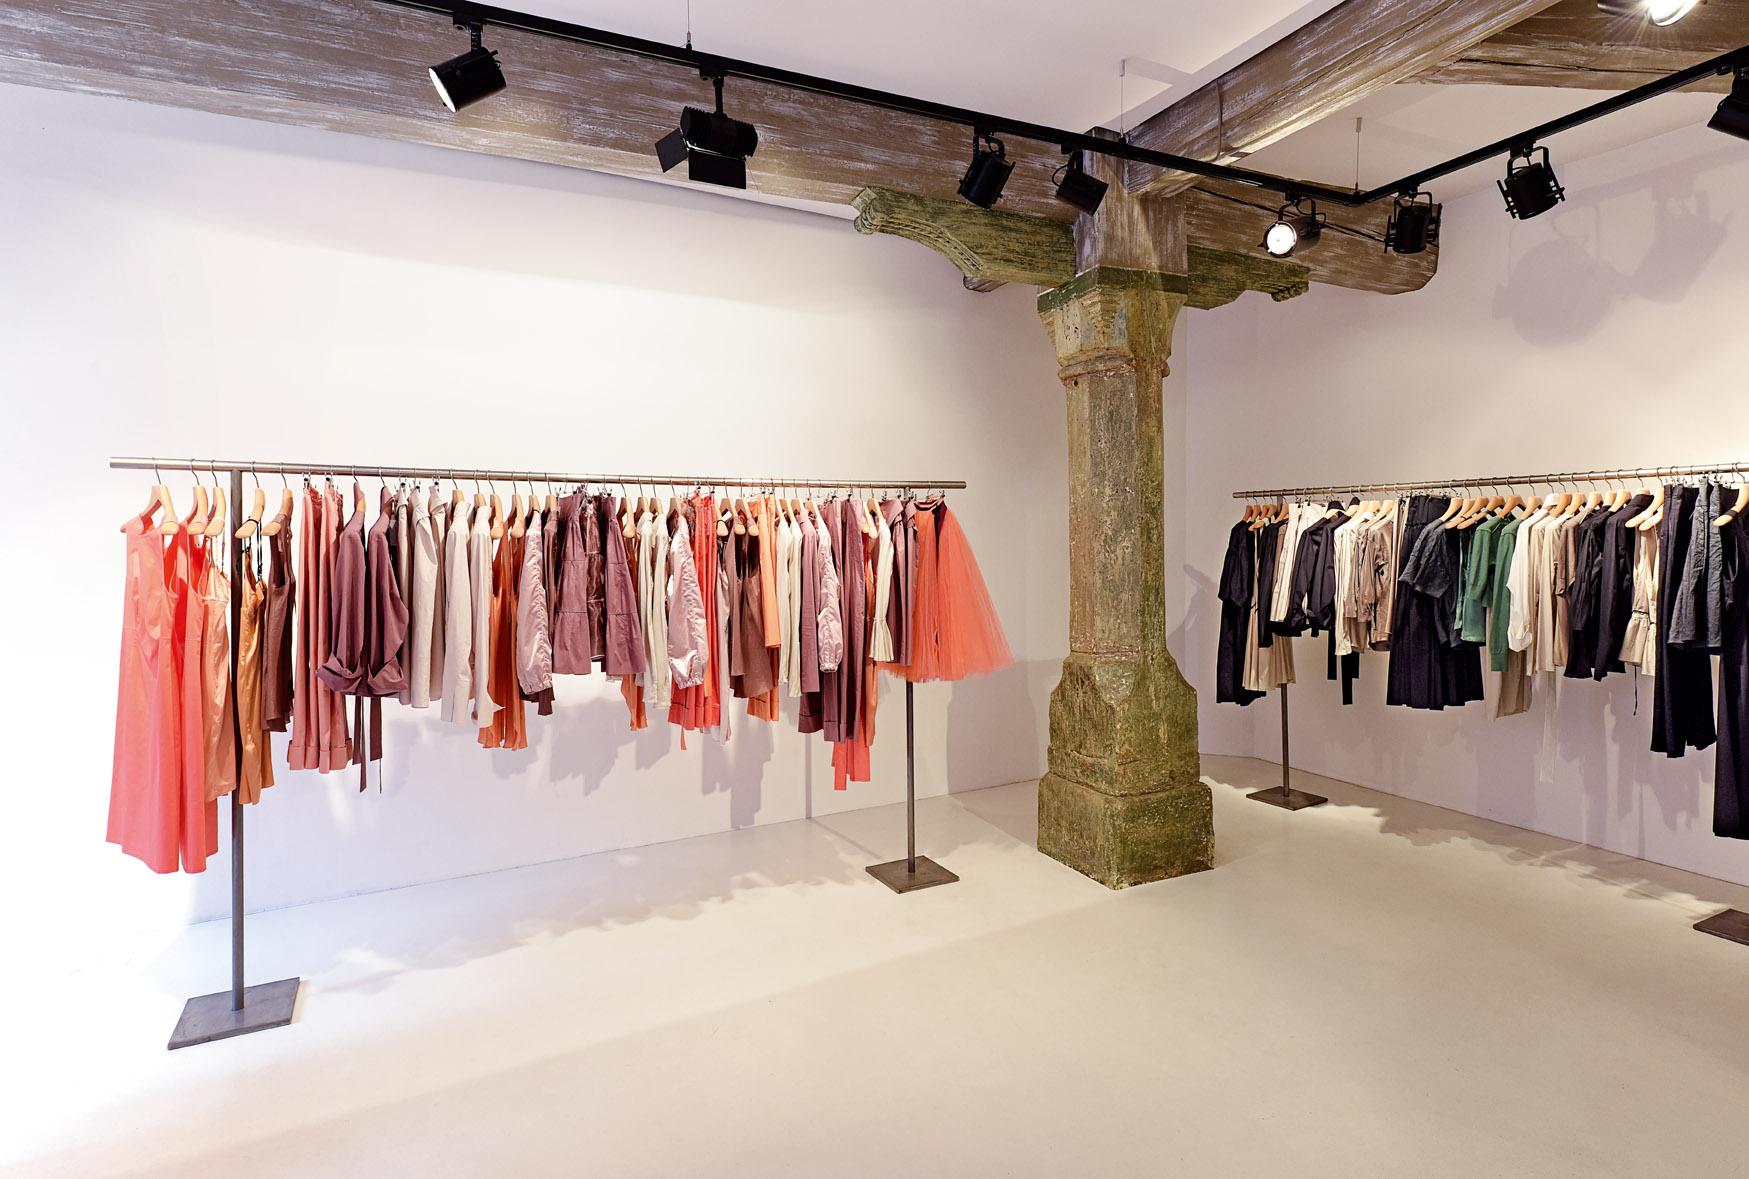 Minimalistische Schnitte und weibliche Formen sind ein Markenzeichen von Designerin Susanne Bommer.